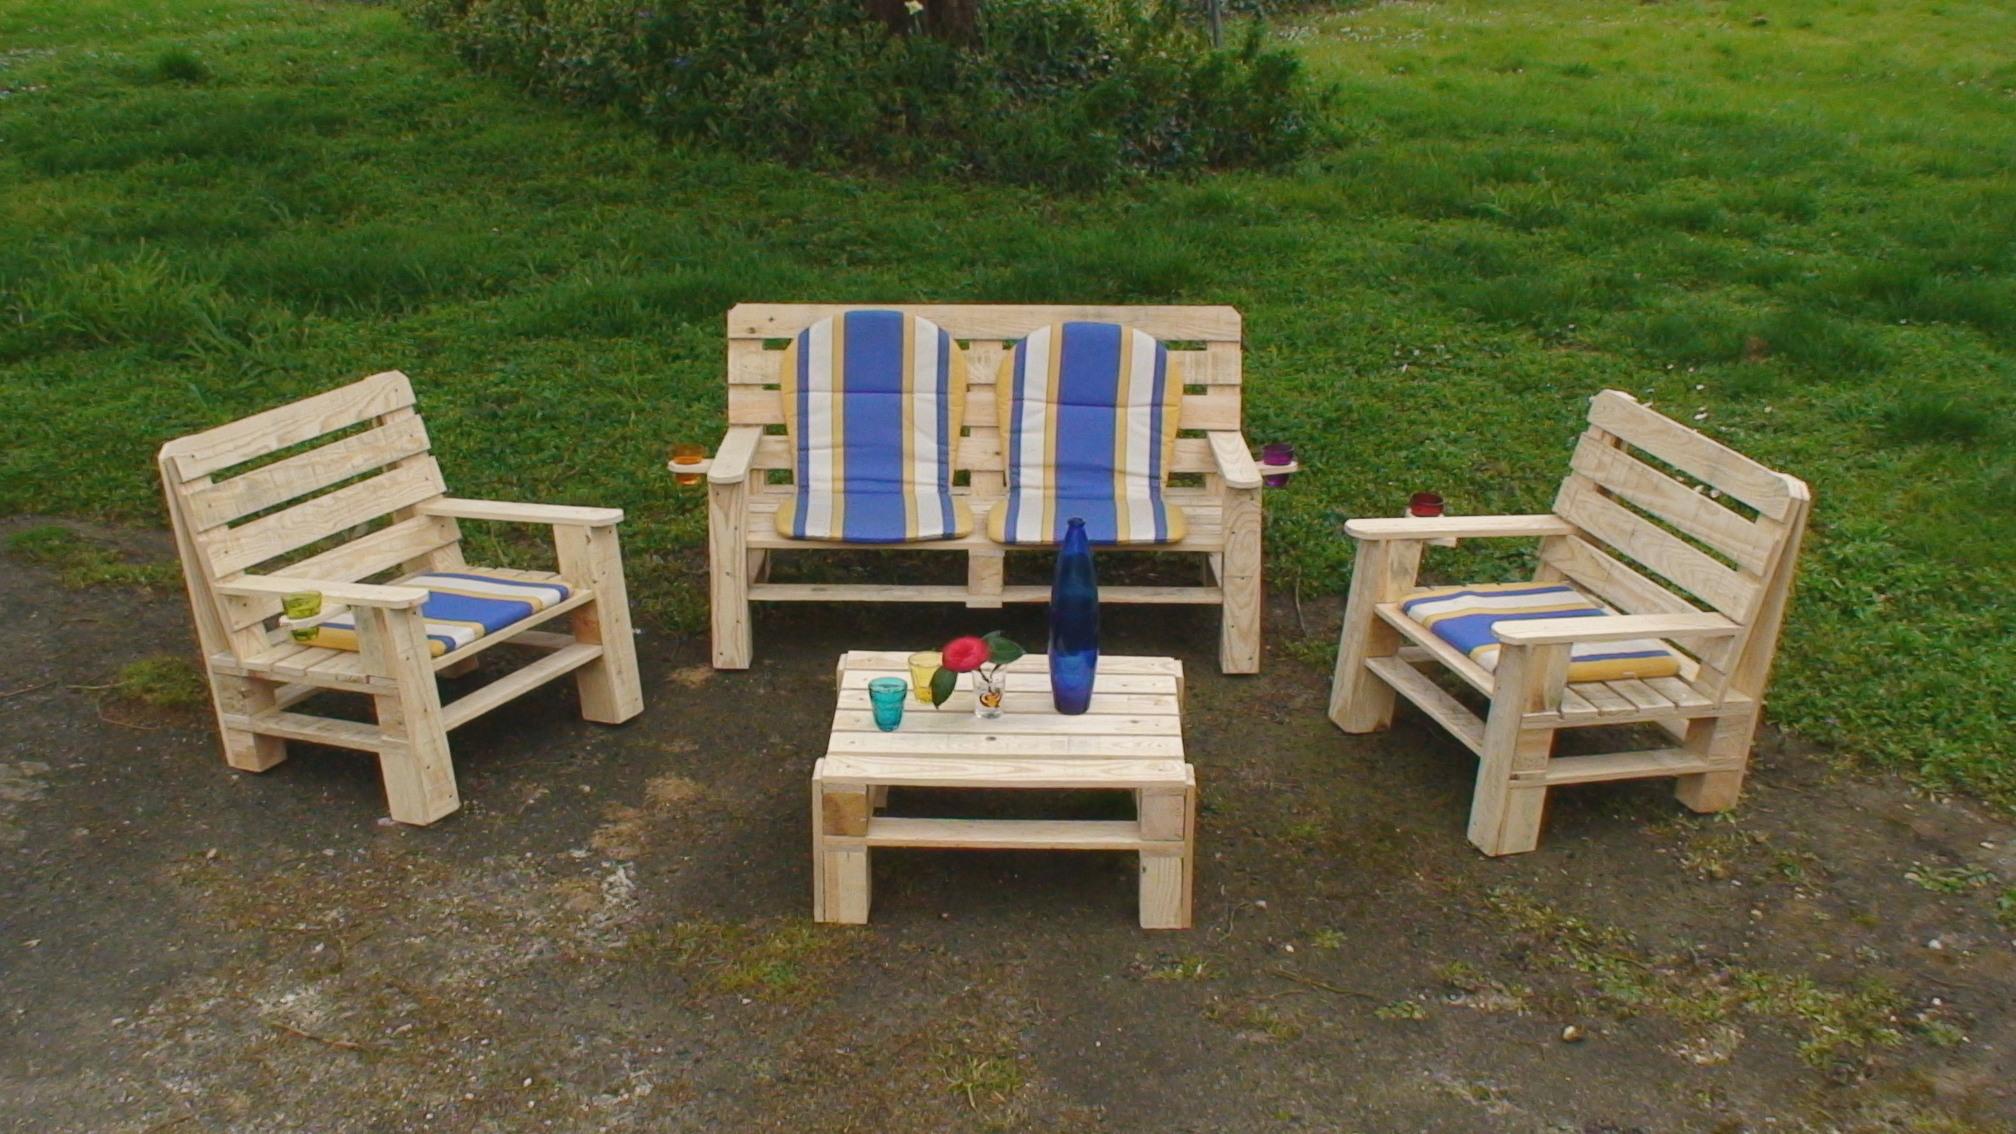 mobilier de jardin en bois original jardin piscine et cabane. Black Bedroom Furniture Sets. Home Design Ideas